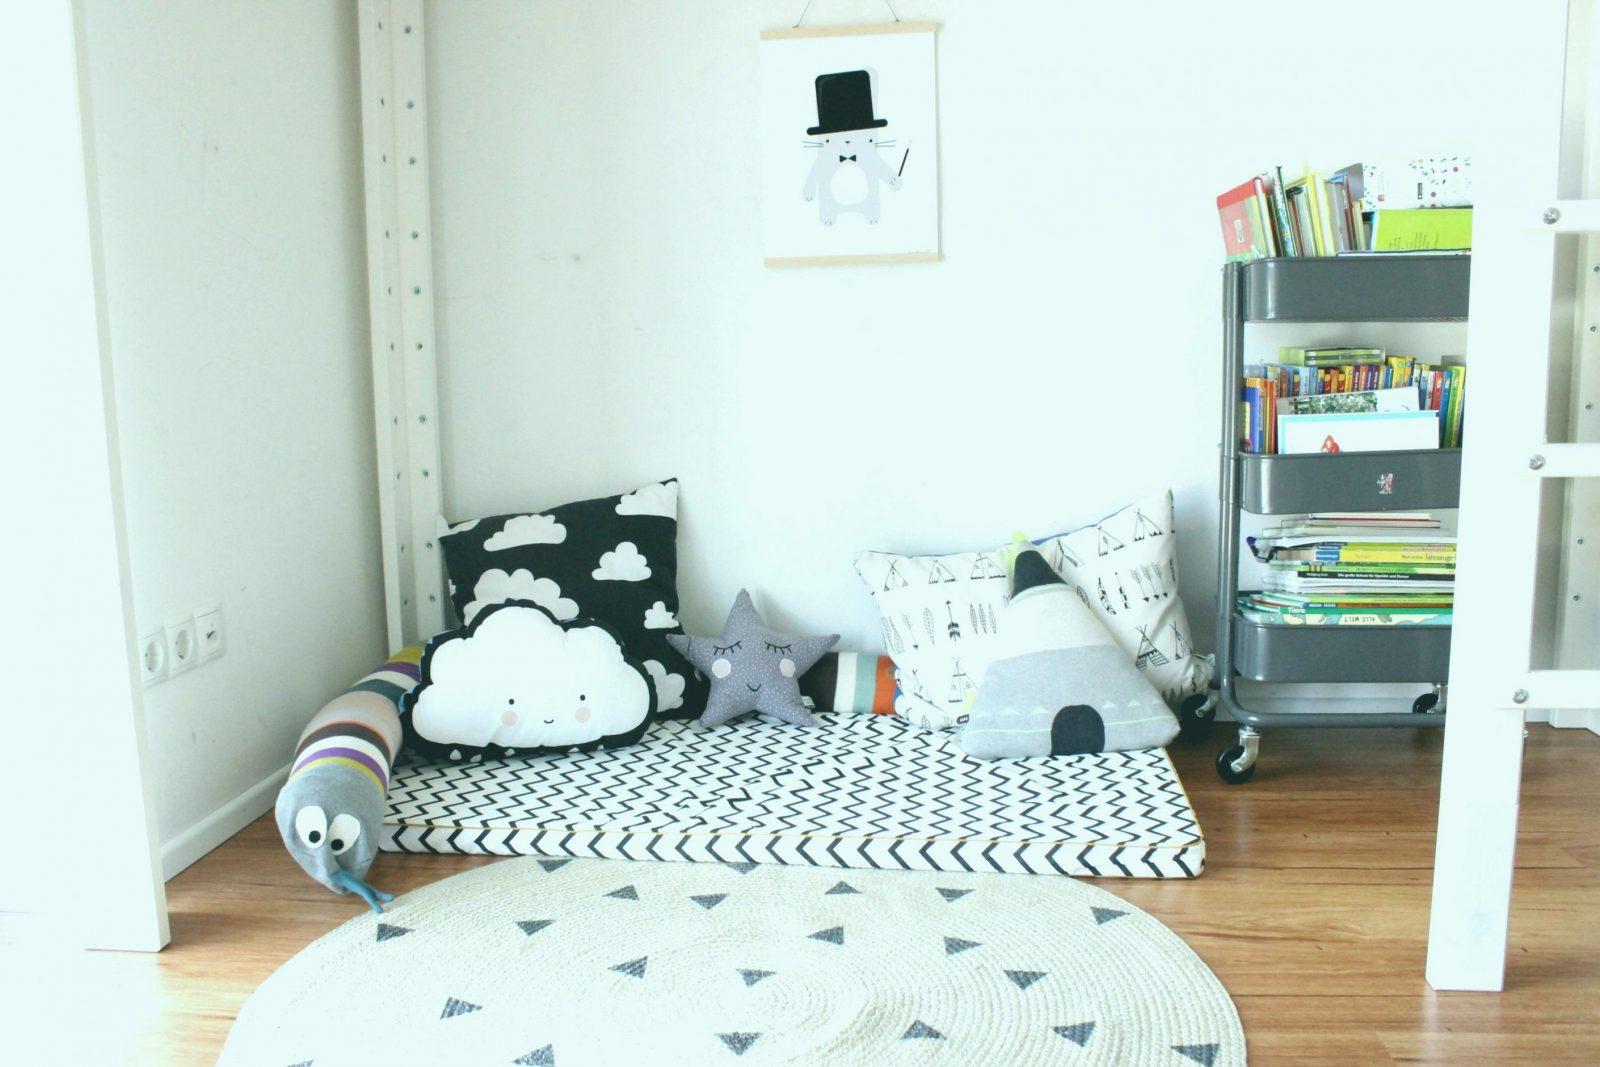 Kuschelecke Kinderzimmer Selber Bauen